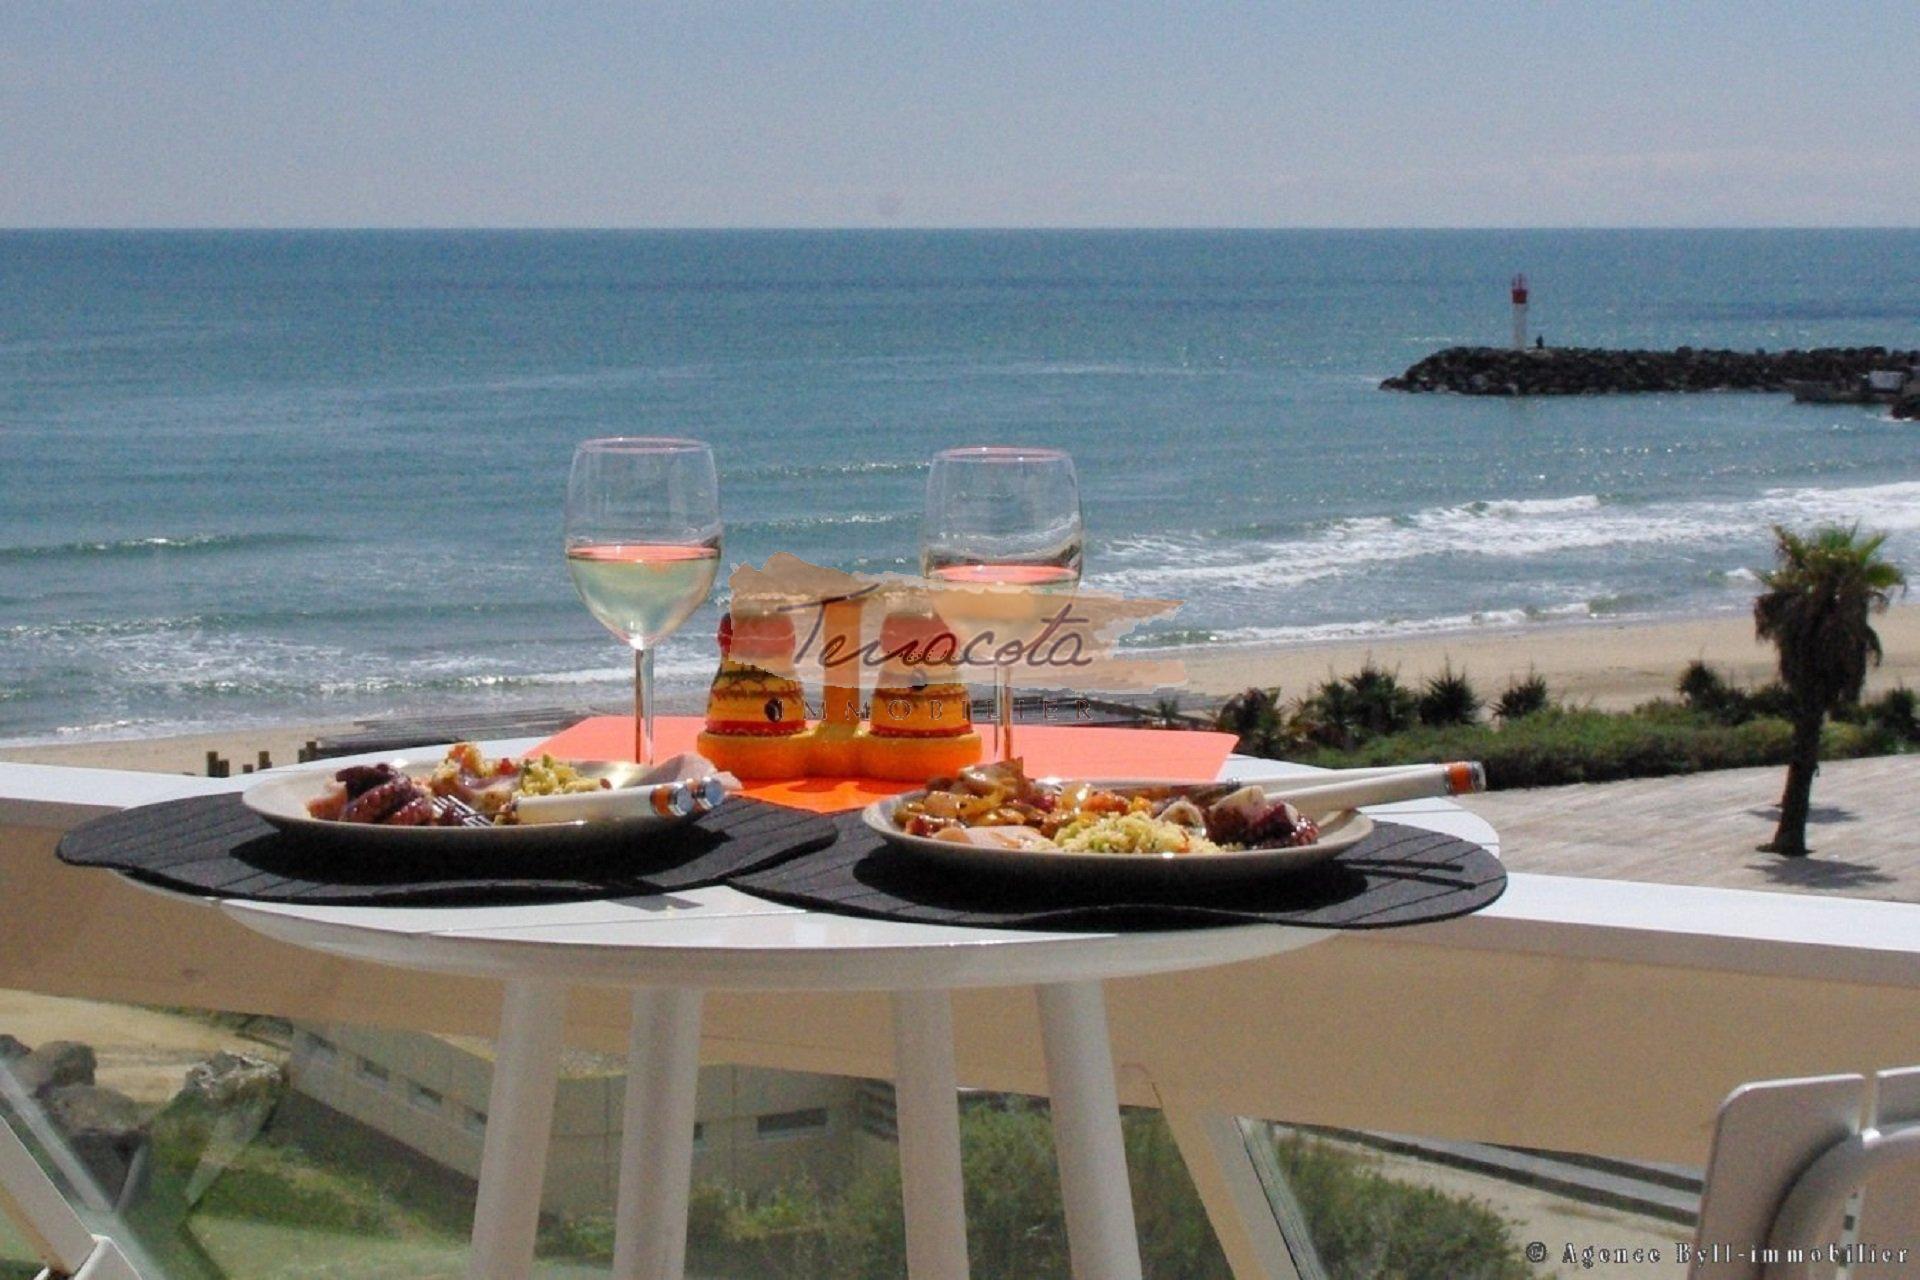 restaurant bord de mer à 5 minutes de marche